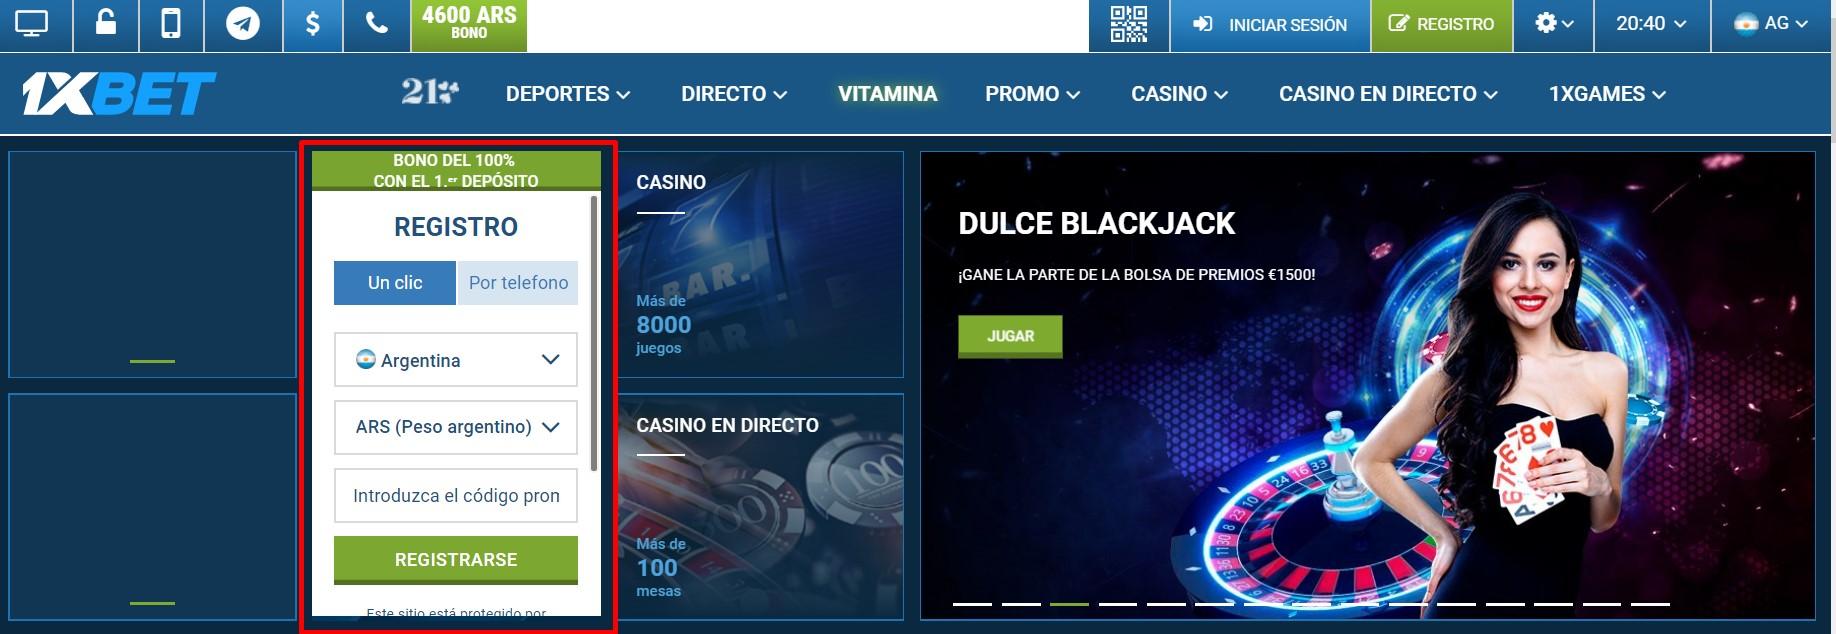 Qué es casa de apuestas 1xBet registro para jugadores en Argentina